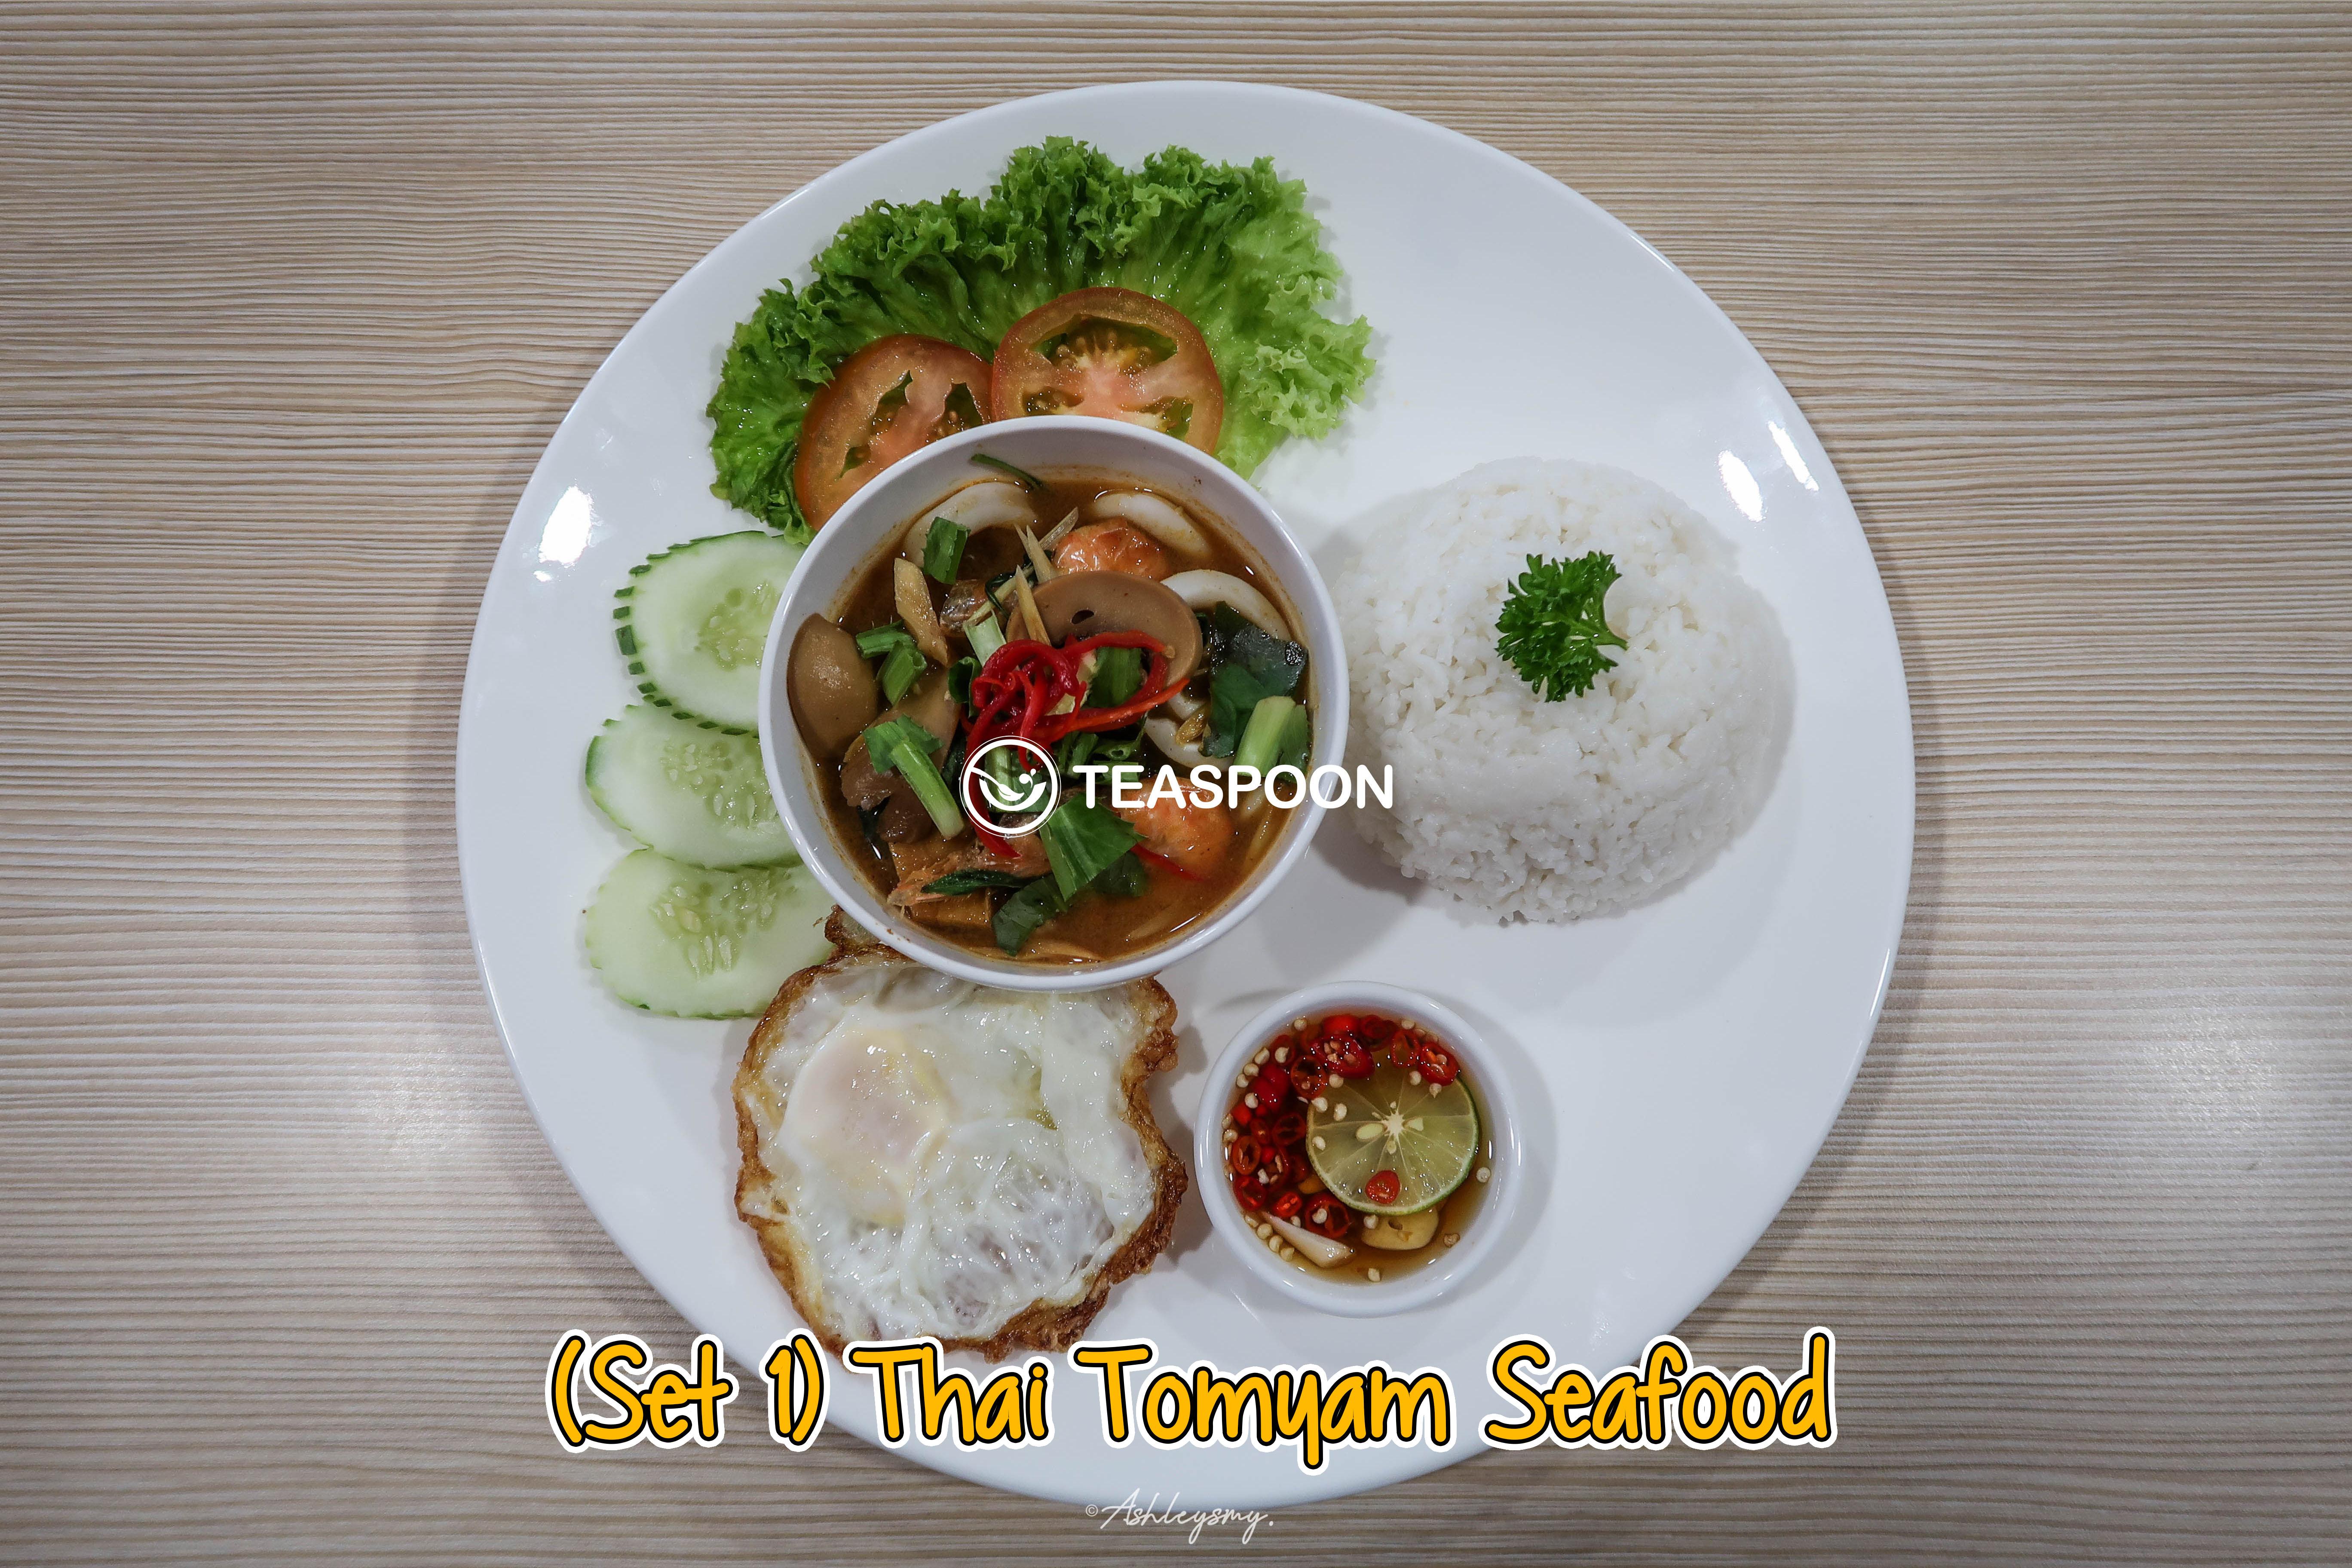 Thai Tomyam Seafood (1) copy